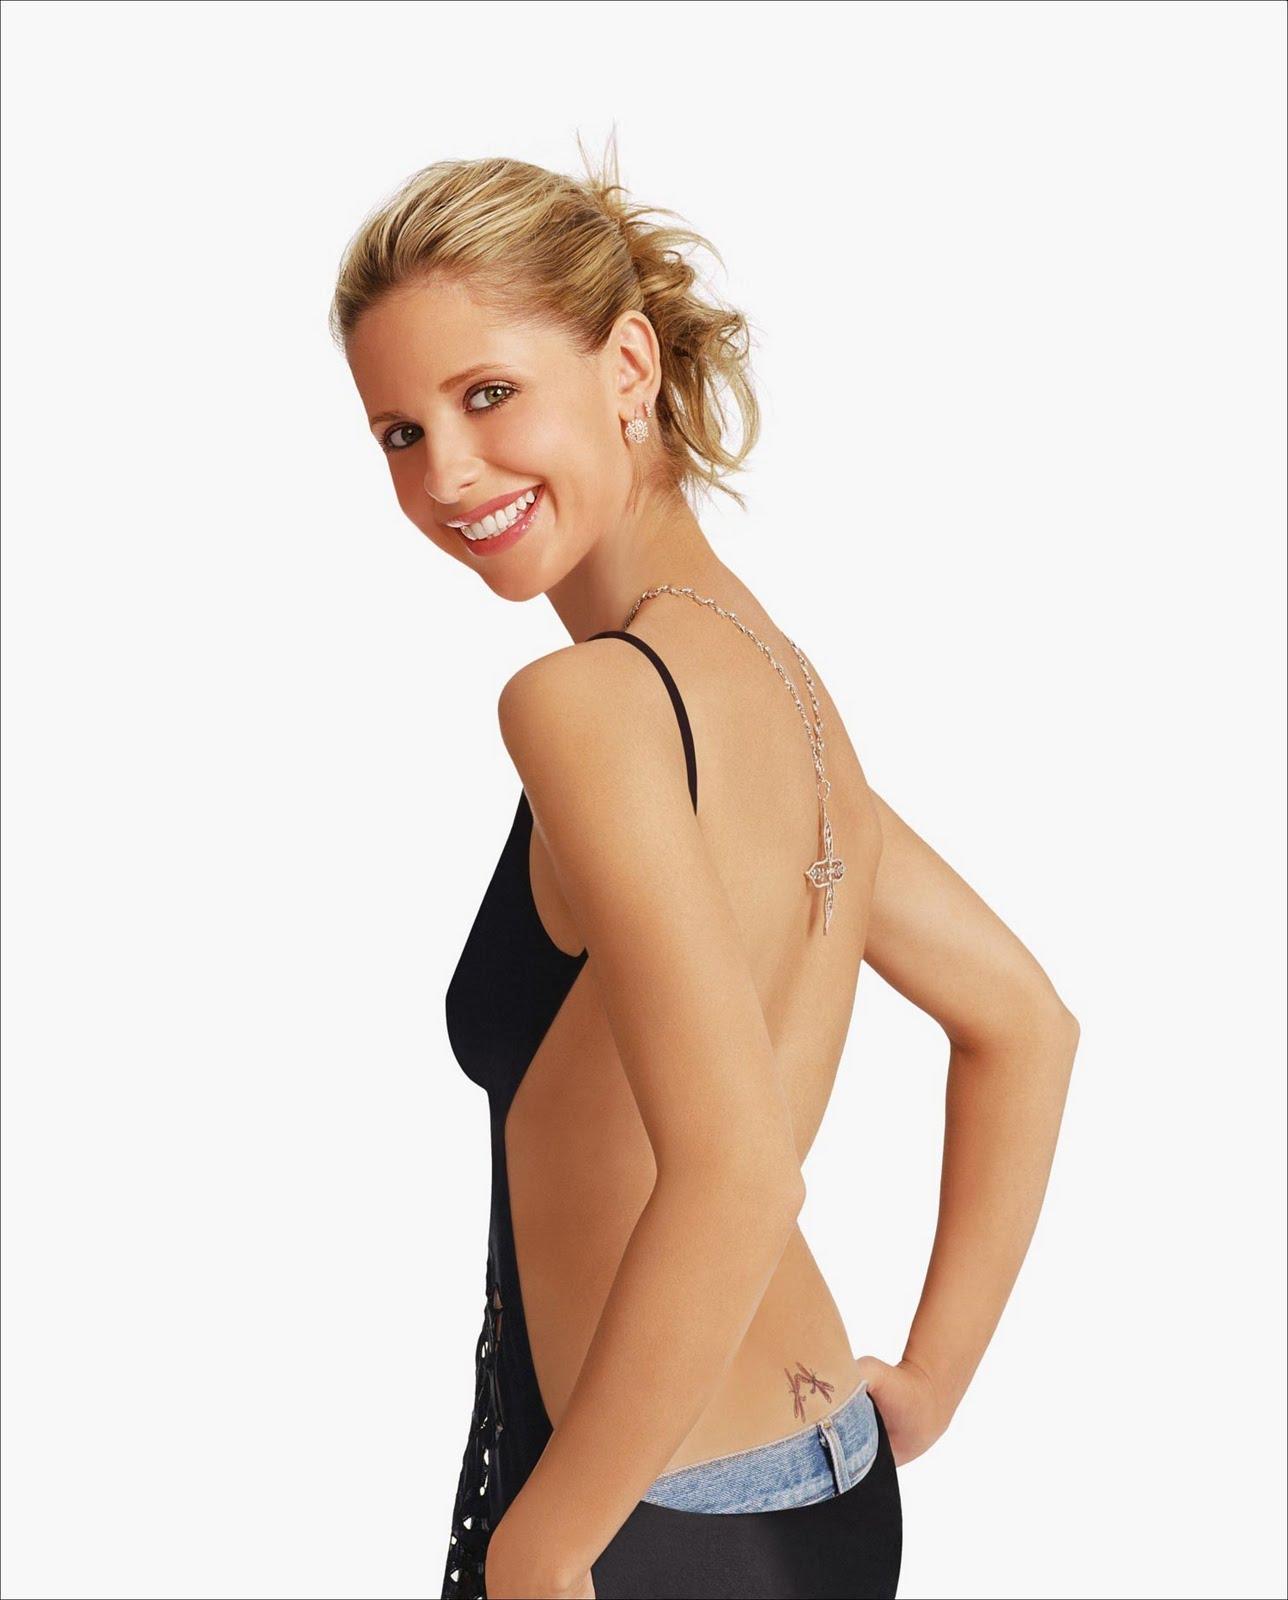 http://3.bp.blogspot.com/_bQ0SqifjNcg/S89MoUxcJ2I/AAAAAAAATrQ/for9Nw5ZGOM/s1600/sarah-michelle-gellar-tattoo-2.jpg